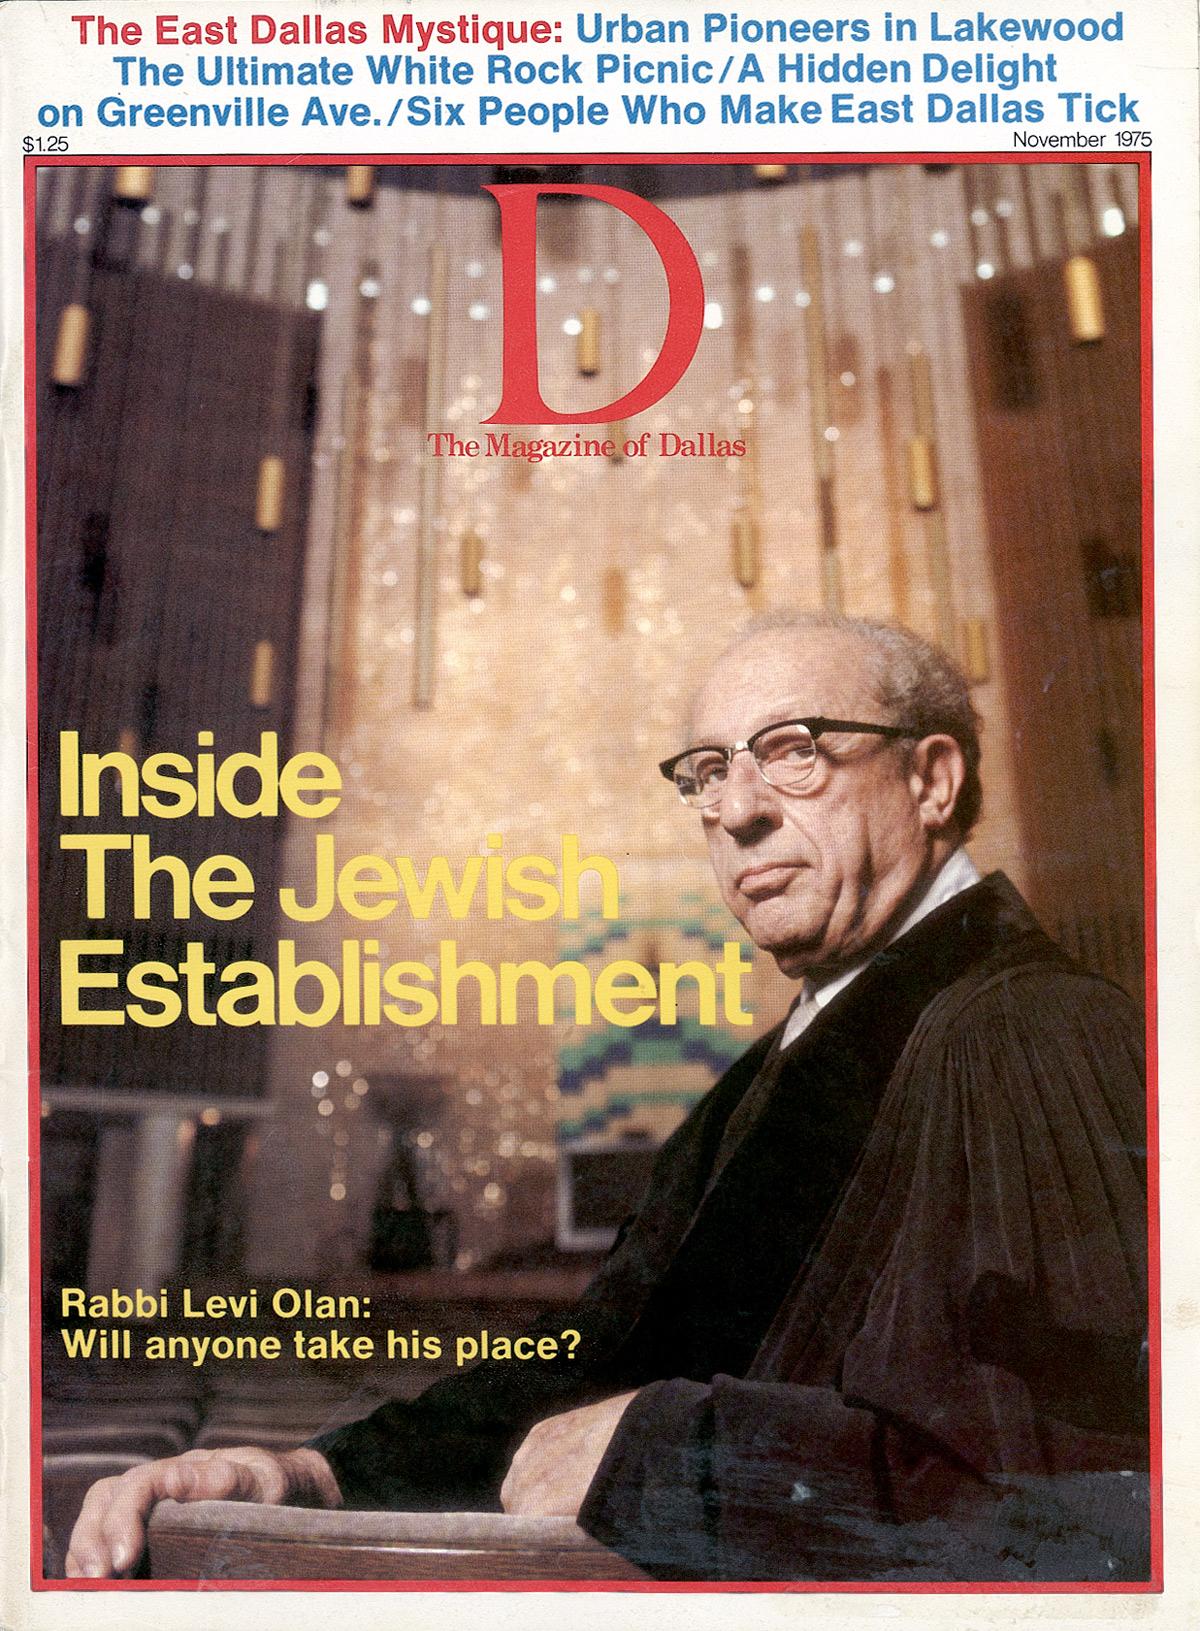 November 1975 cover